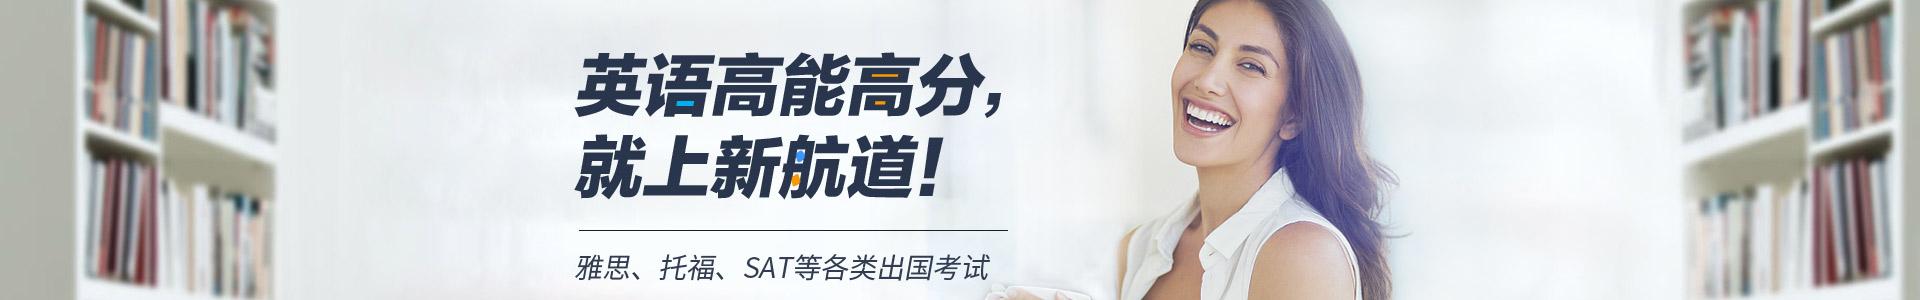 广州新航道英语培训学校